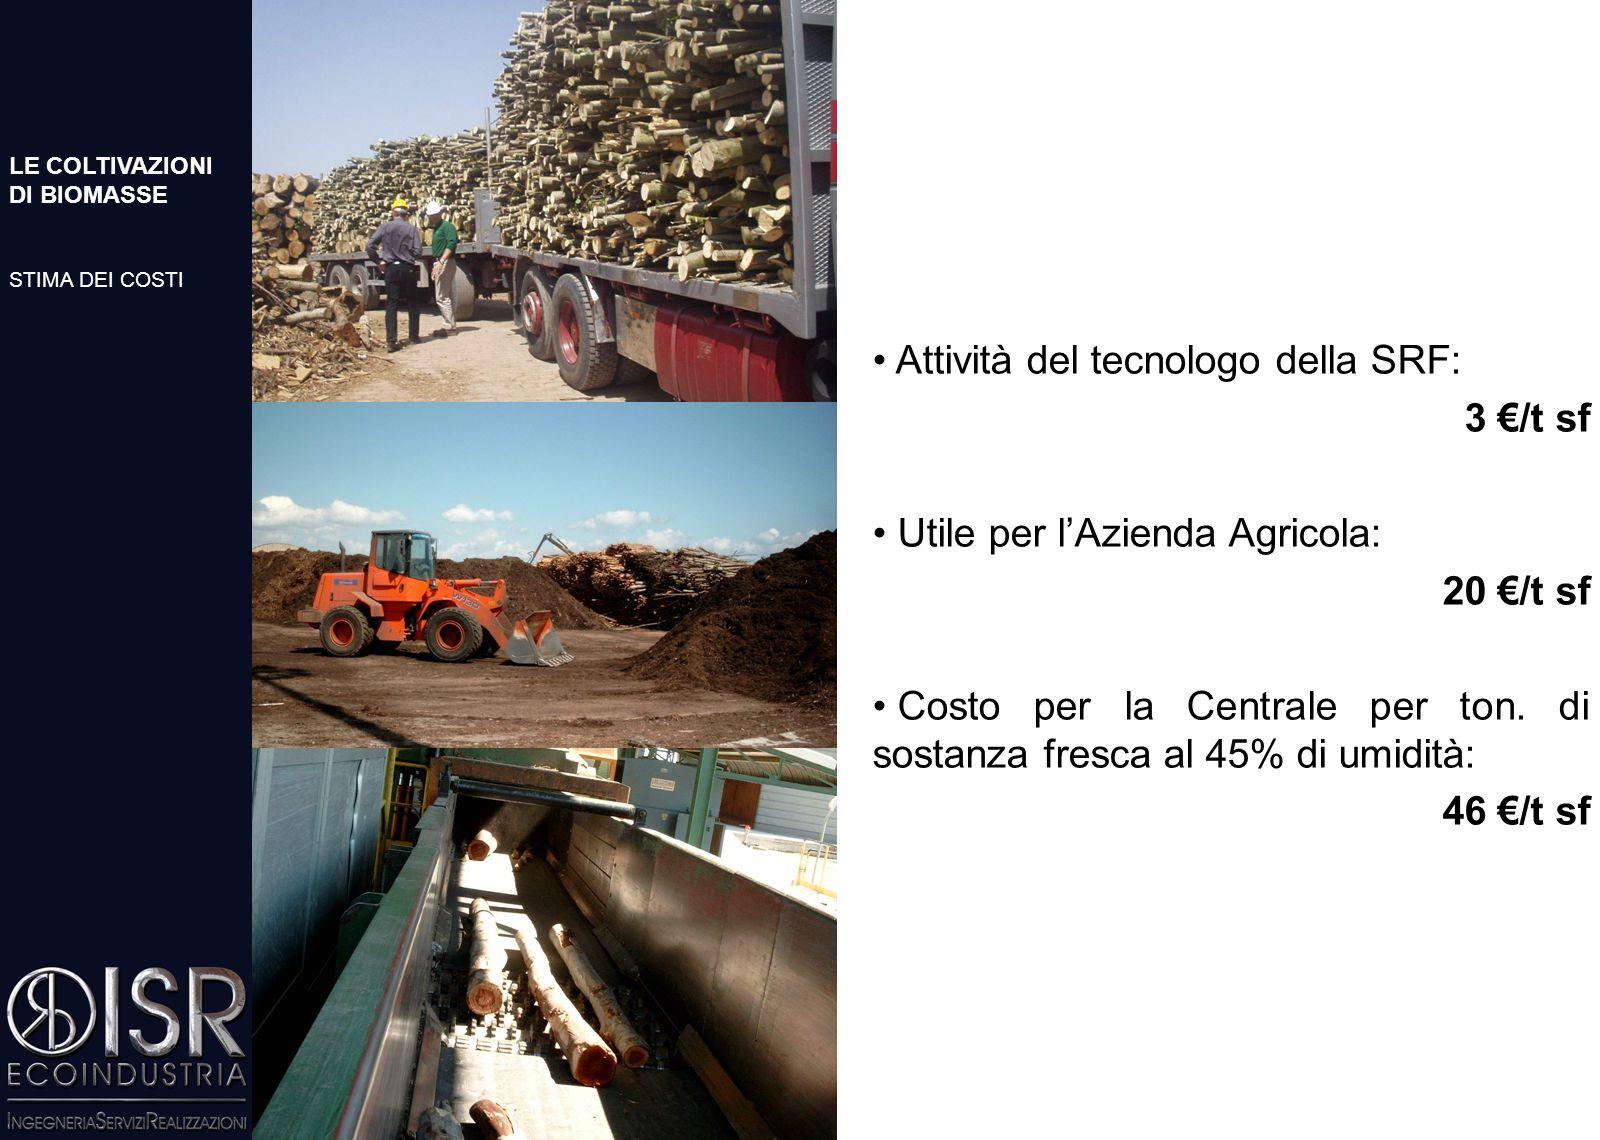 COSTI DELLE ATTIVITA' AGRICOLE COSTI DI PRODUZIONE SRF DI PIOPPO (tagli biennali) Produzione media verificata di SRF di pioppo (Scuola Superiore S.